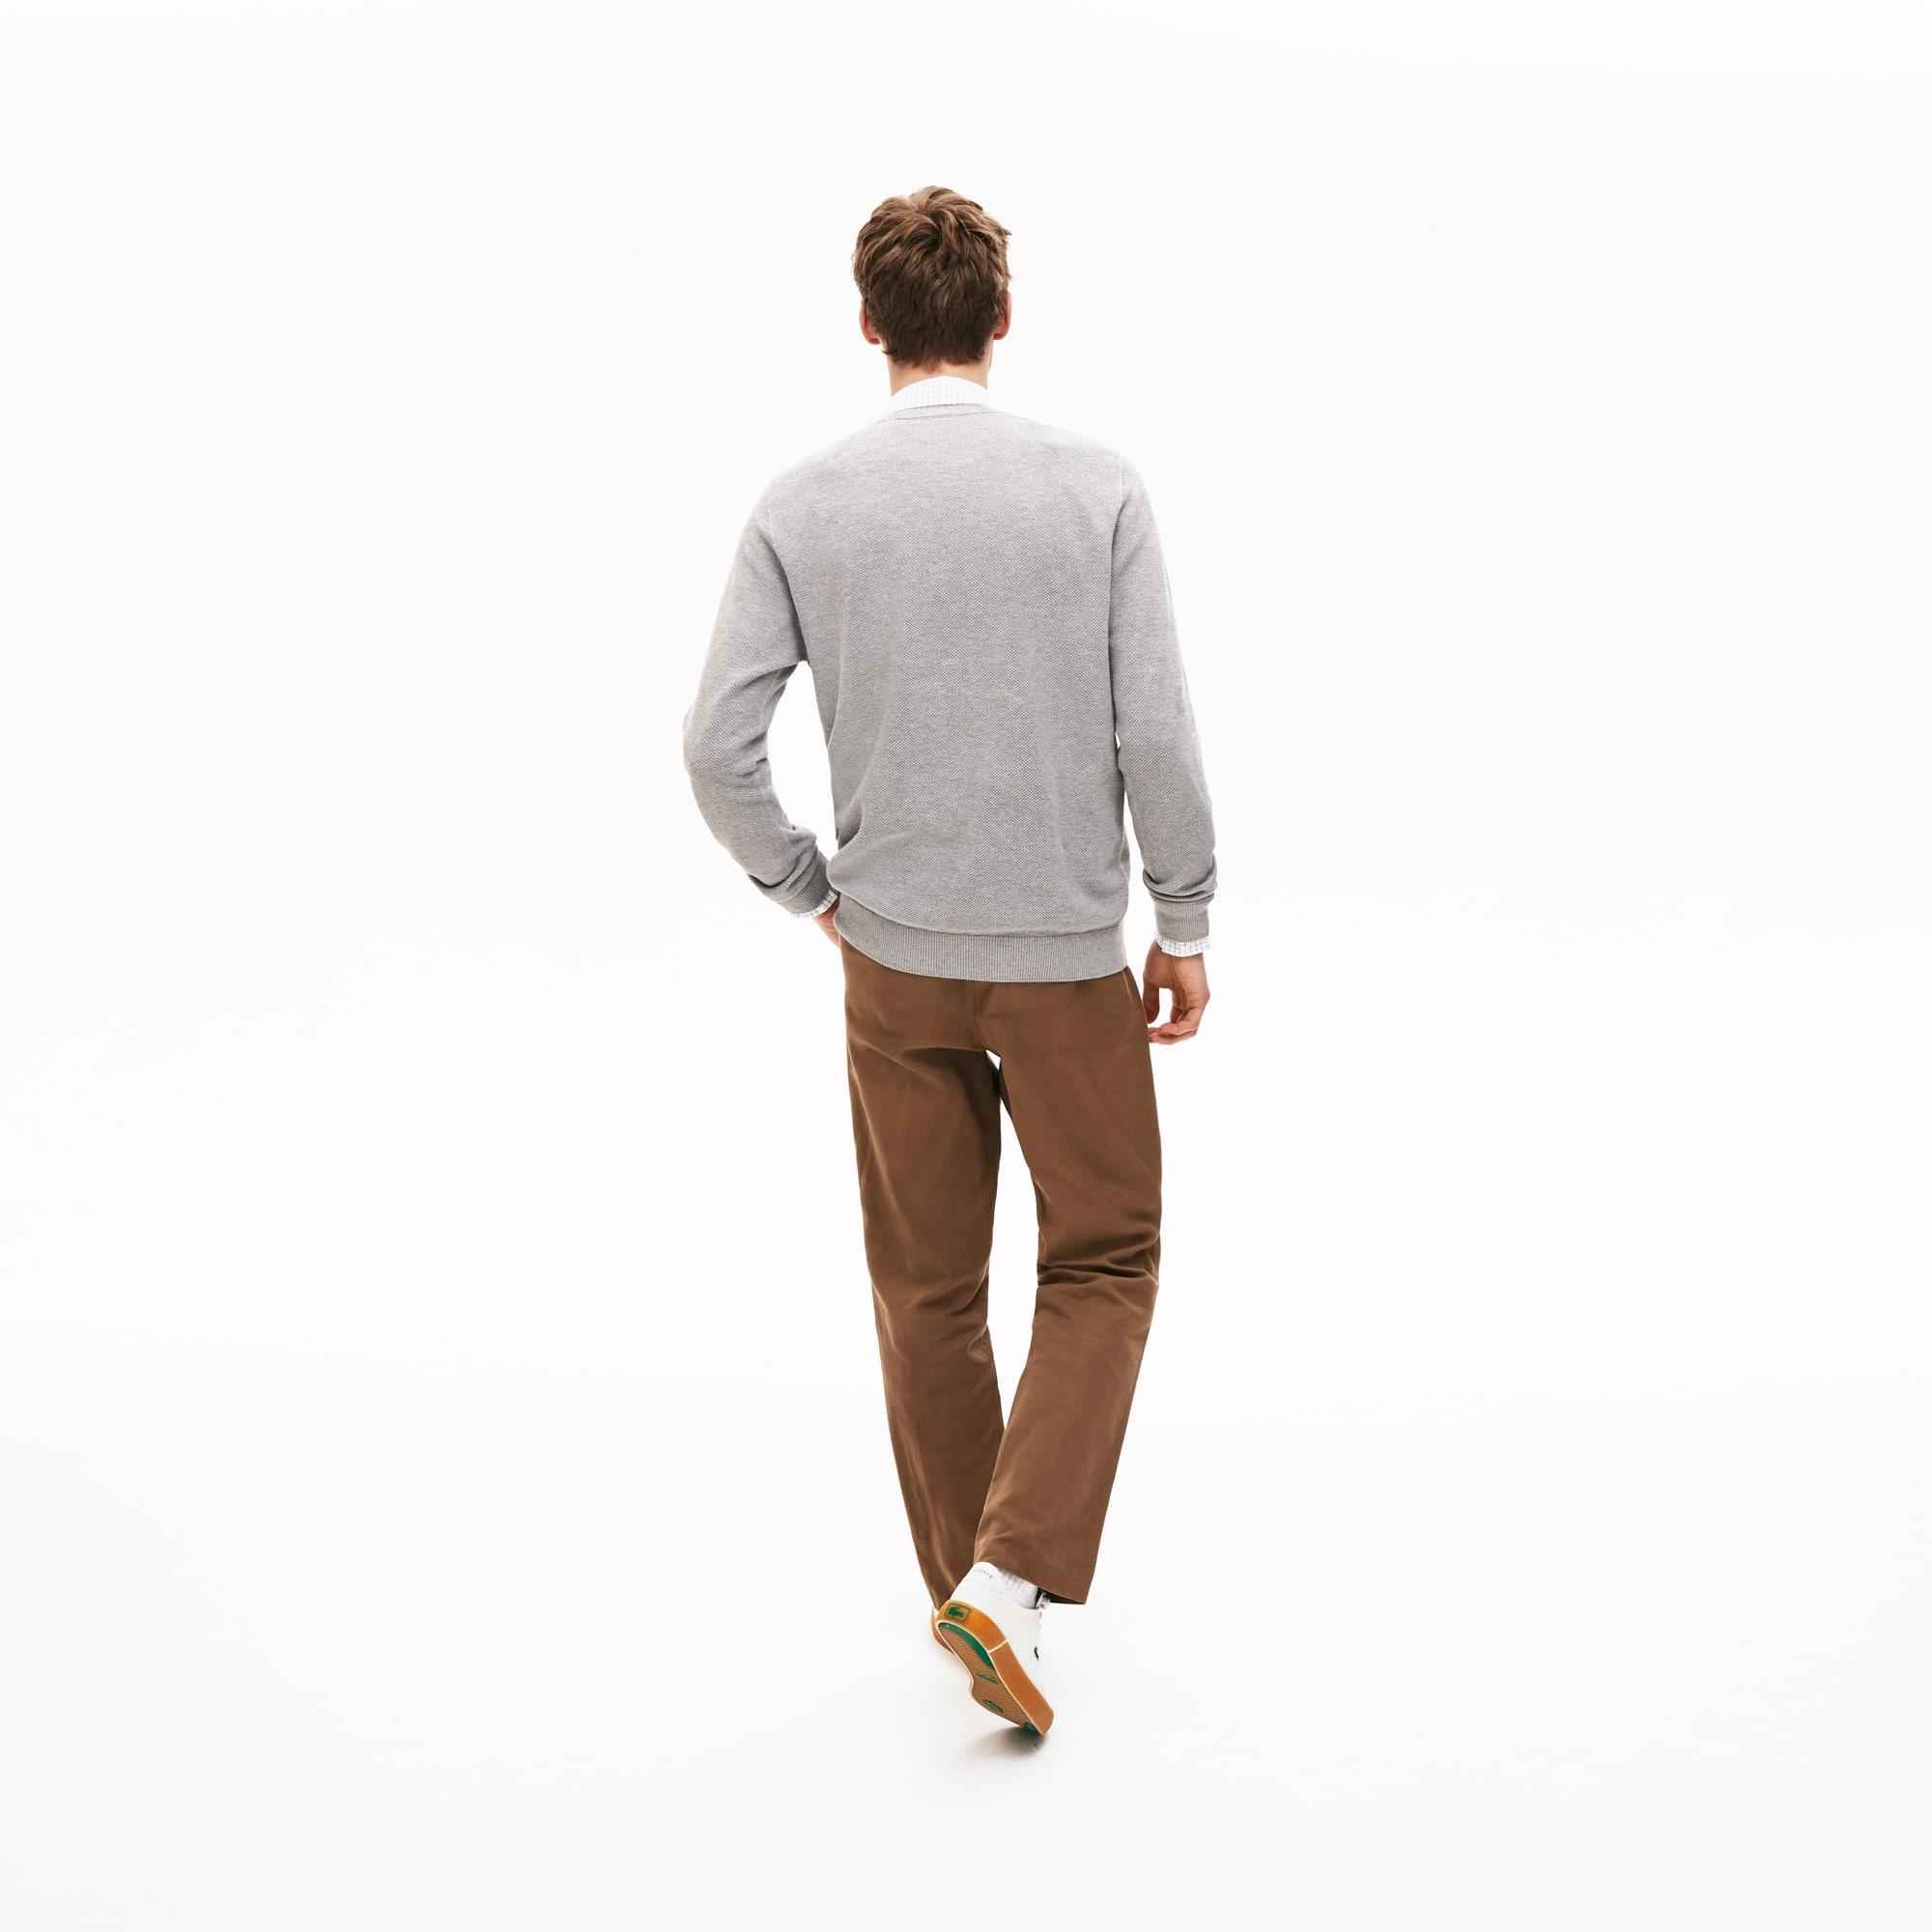 Lacoste - Herren-Rundhals-Pullover aus Baumwoll-Piqué - 2